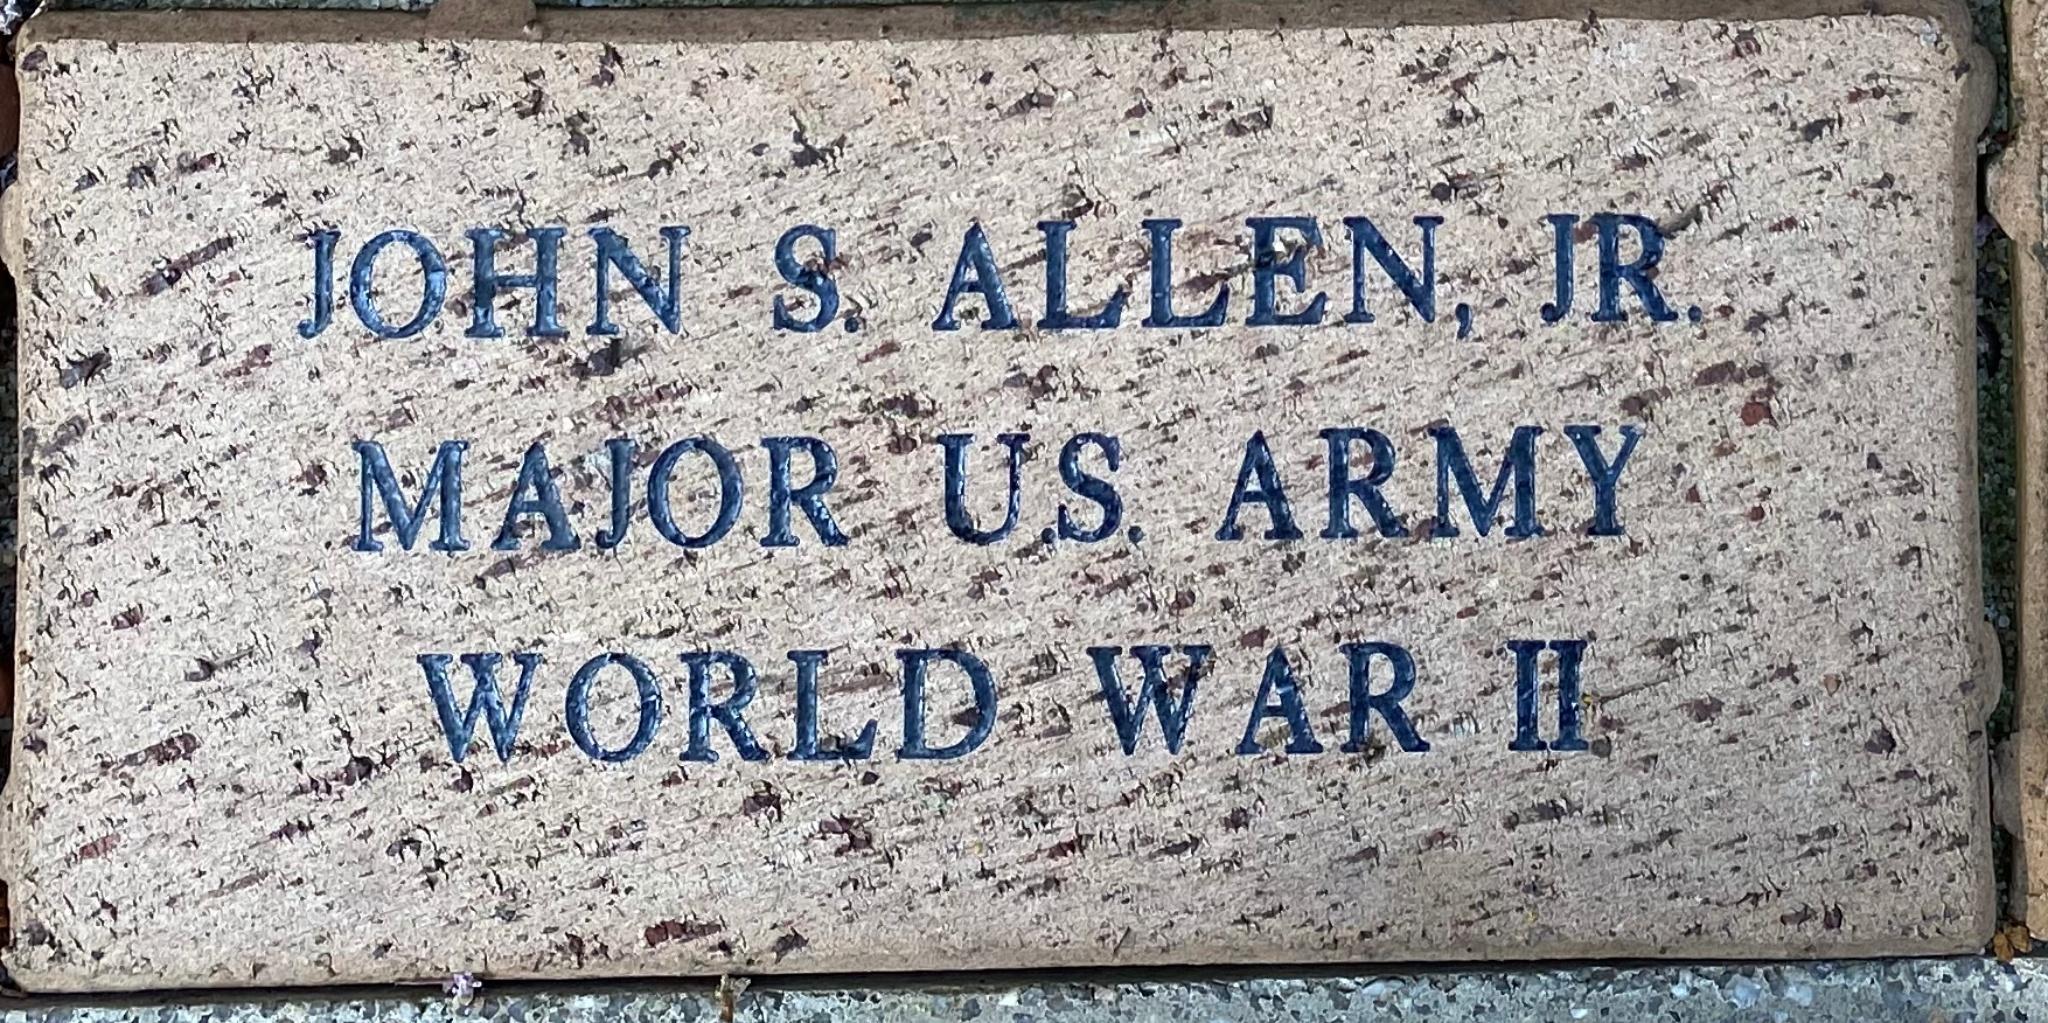 JOHN S. ALLEN, JR. MAJOR U.S. ARMY WORLD WAR II